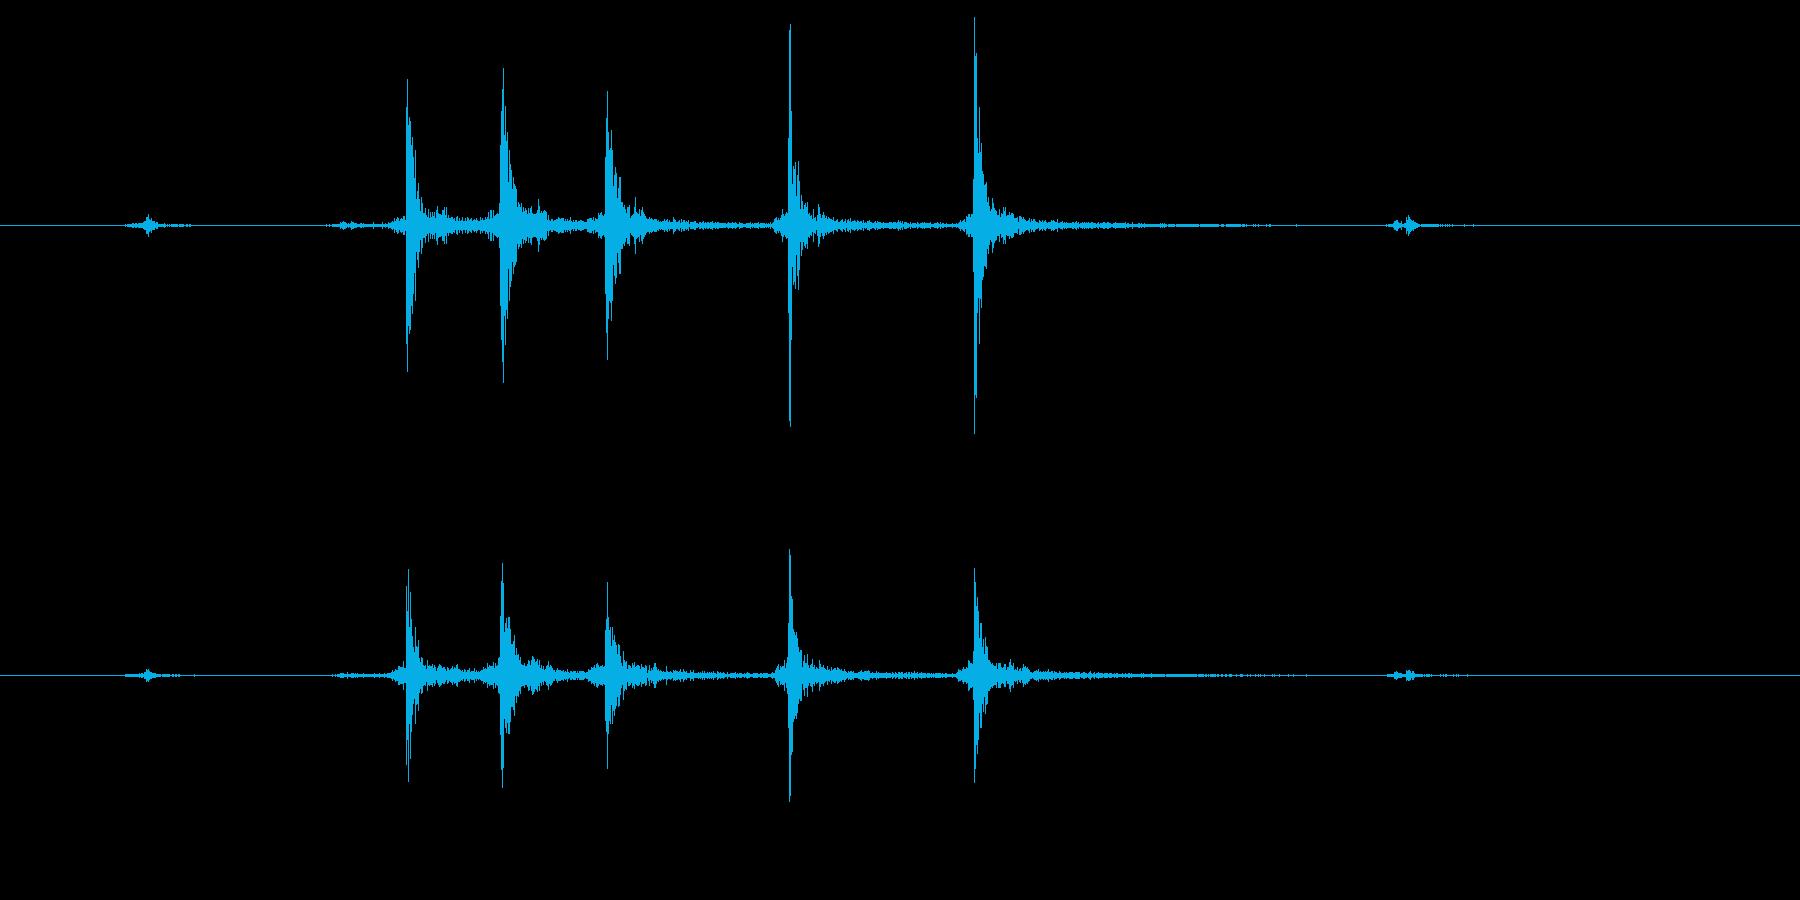 カッターの刃を出すの再生済みの波形